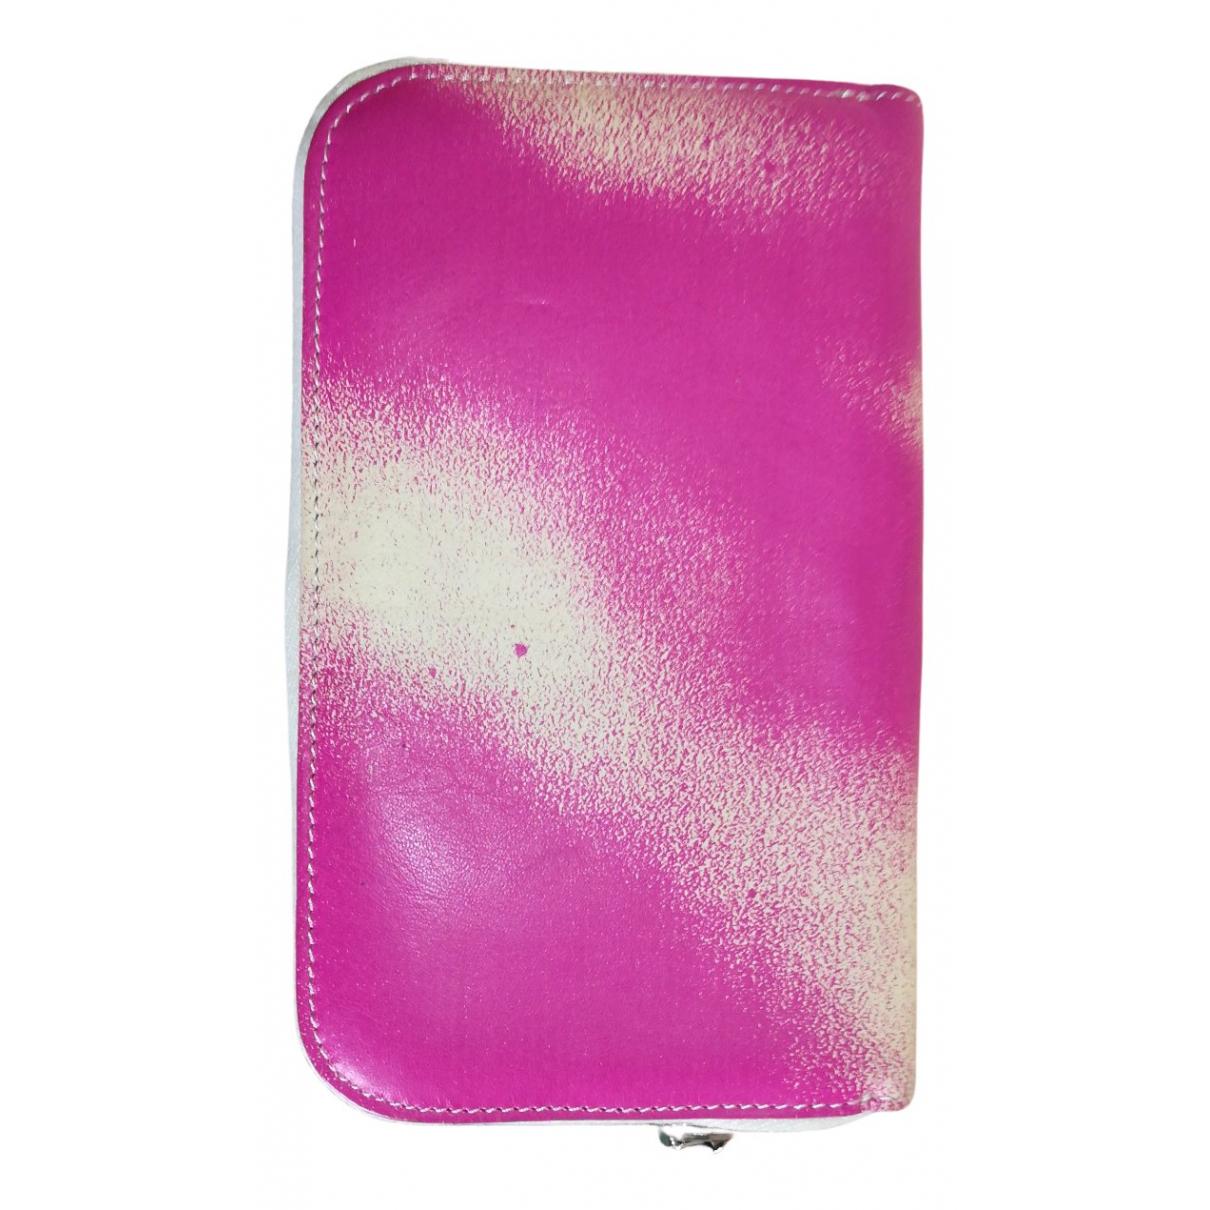 Mm6 - Portefeuille   pour femme en cuir - rose